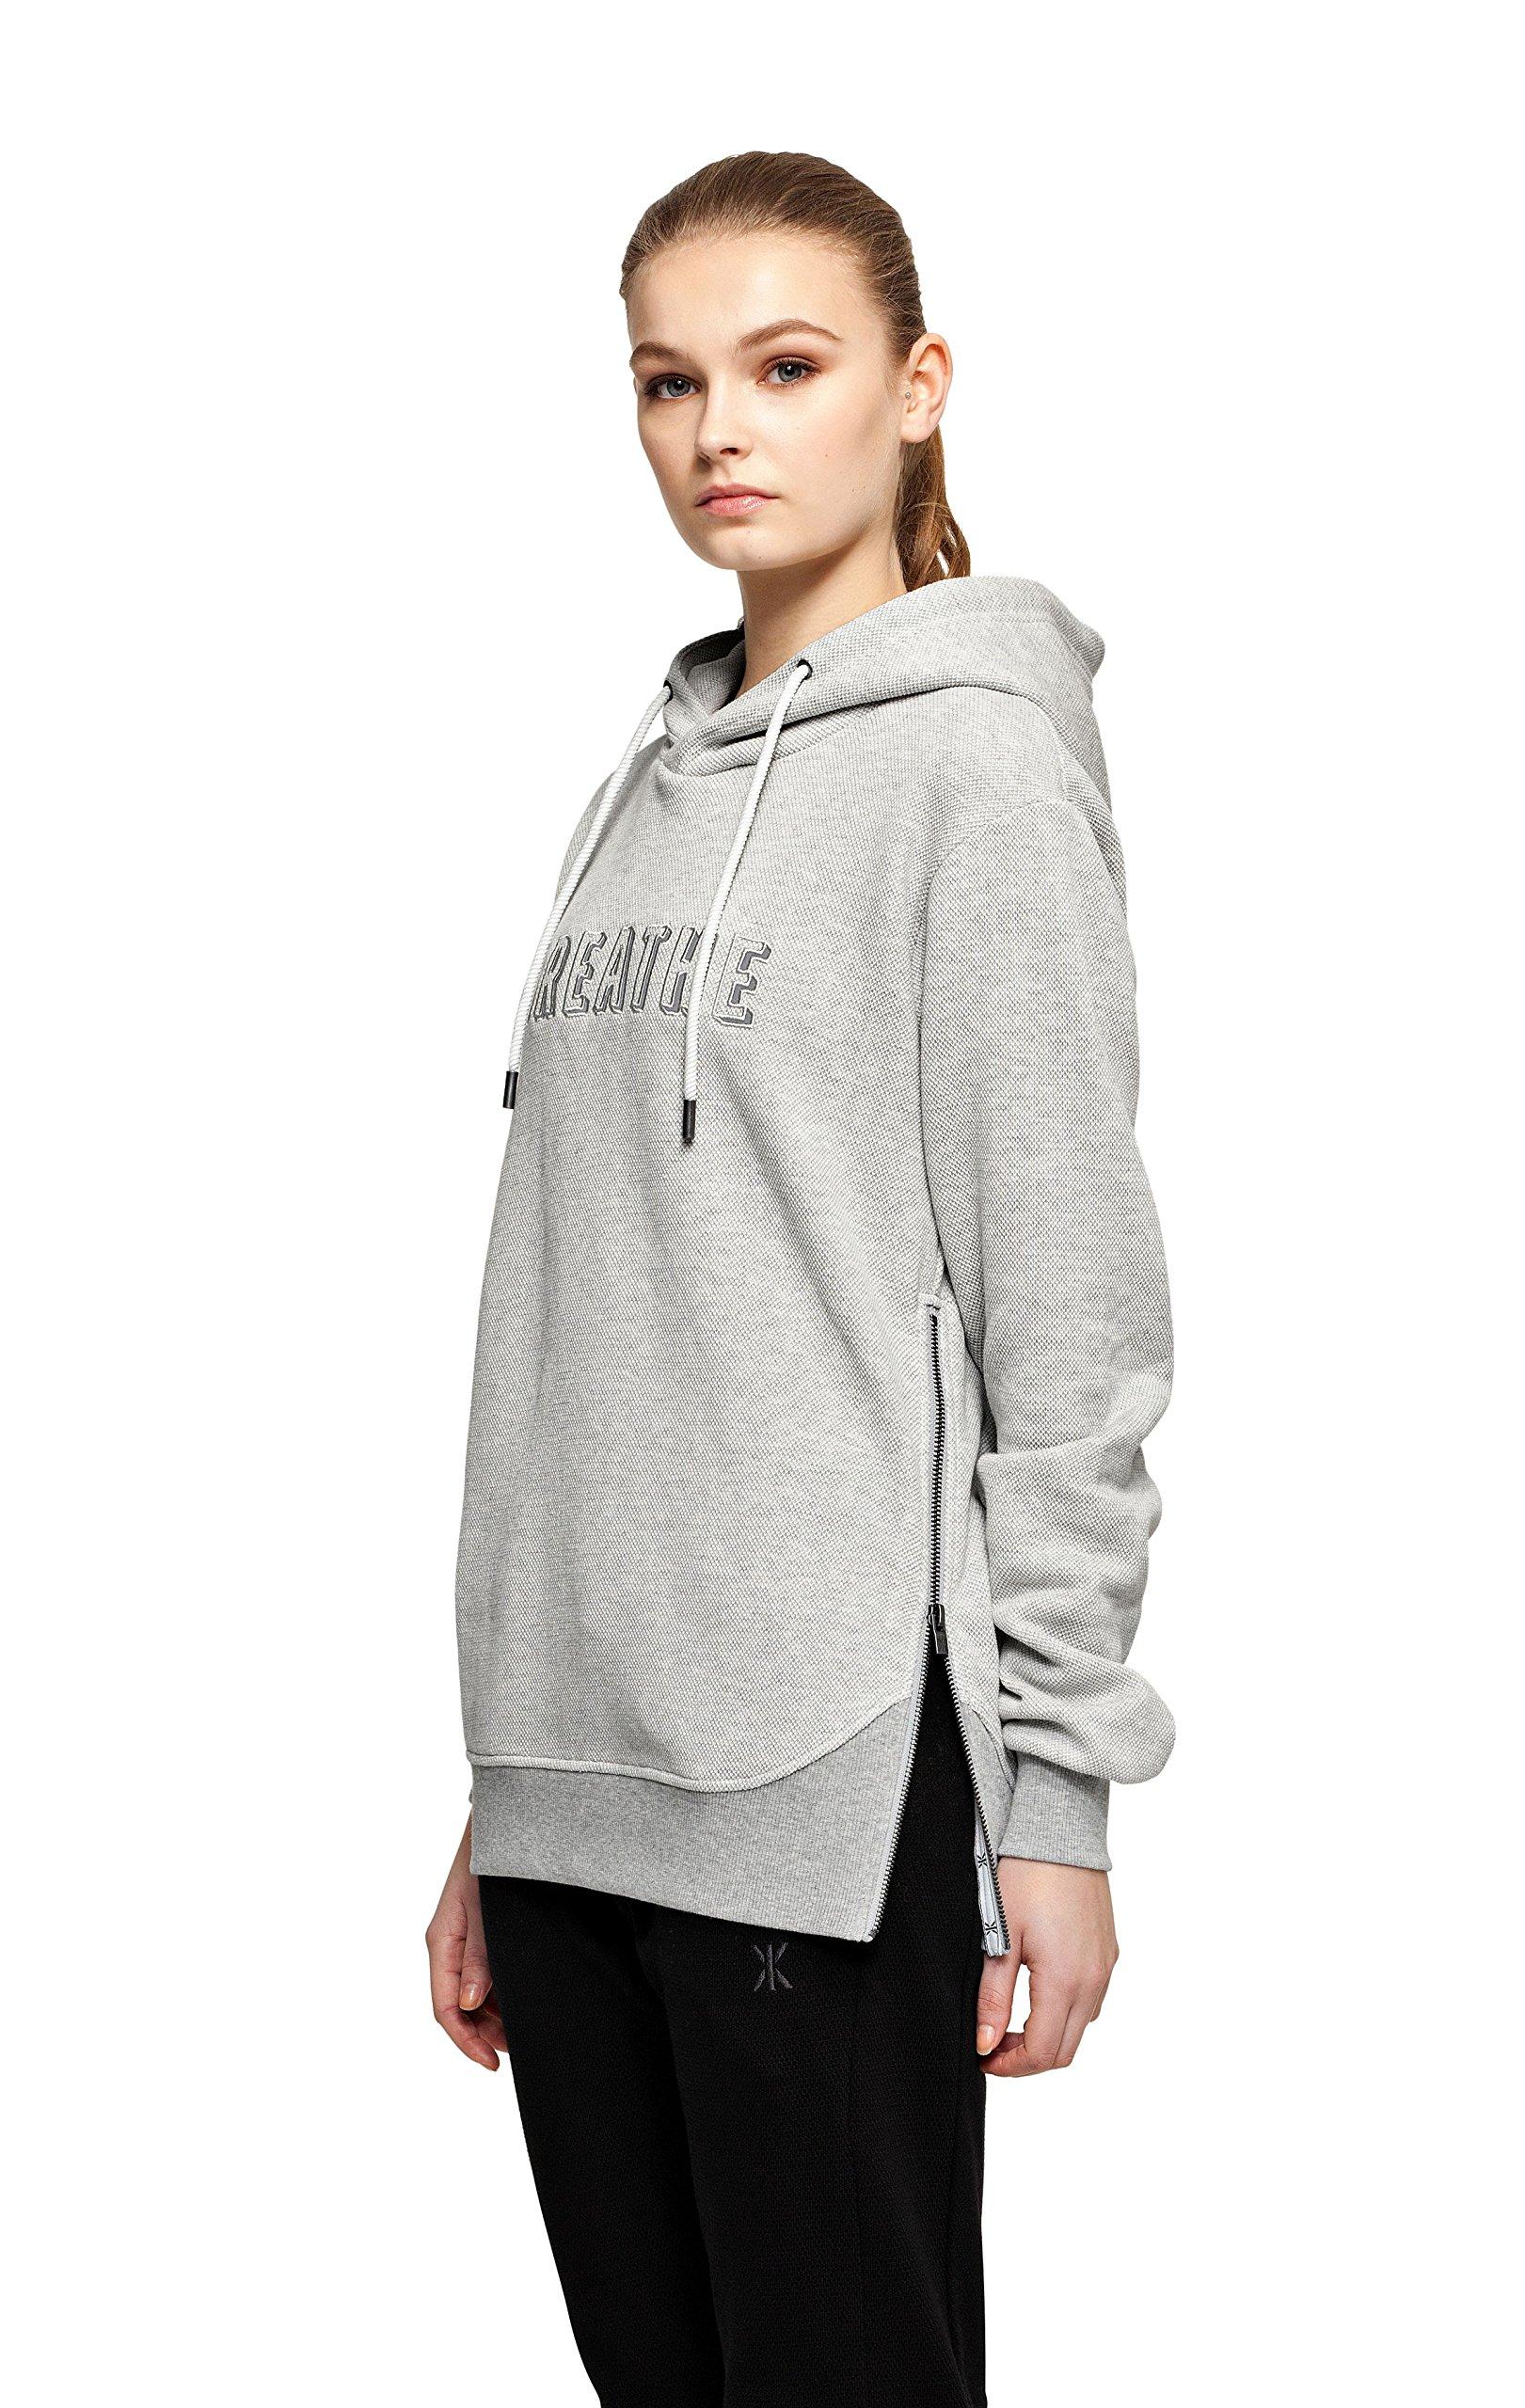 P ho15002 Sweat CapucheGrisnature À Femme Onepiece One Piece FabricantXs MelangeTaille shirt CxedoBr